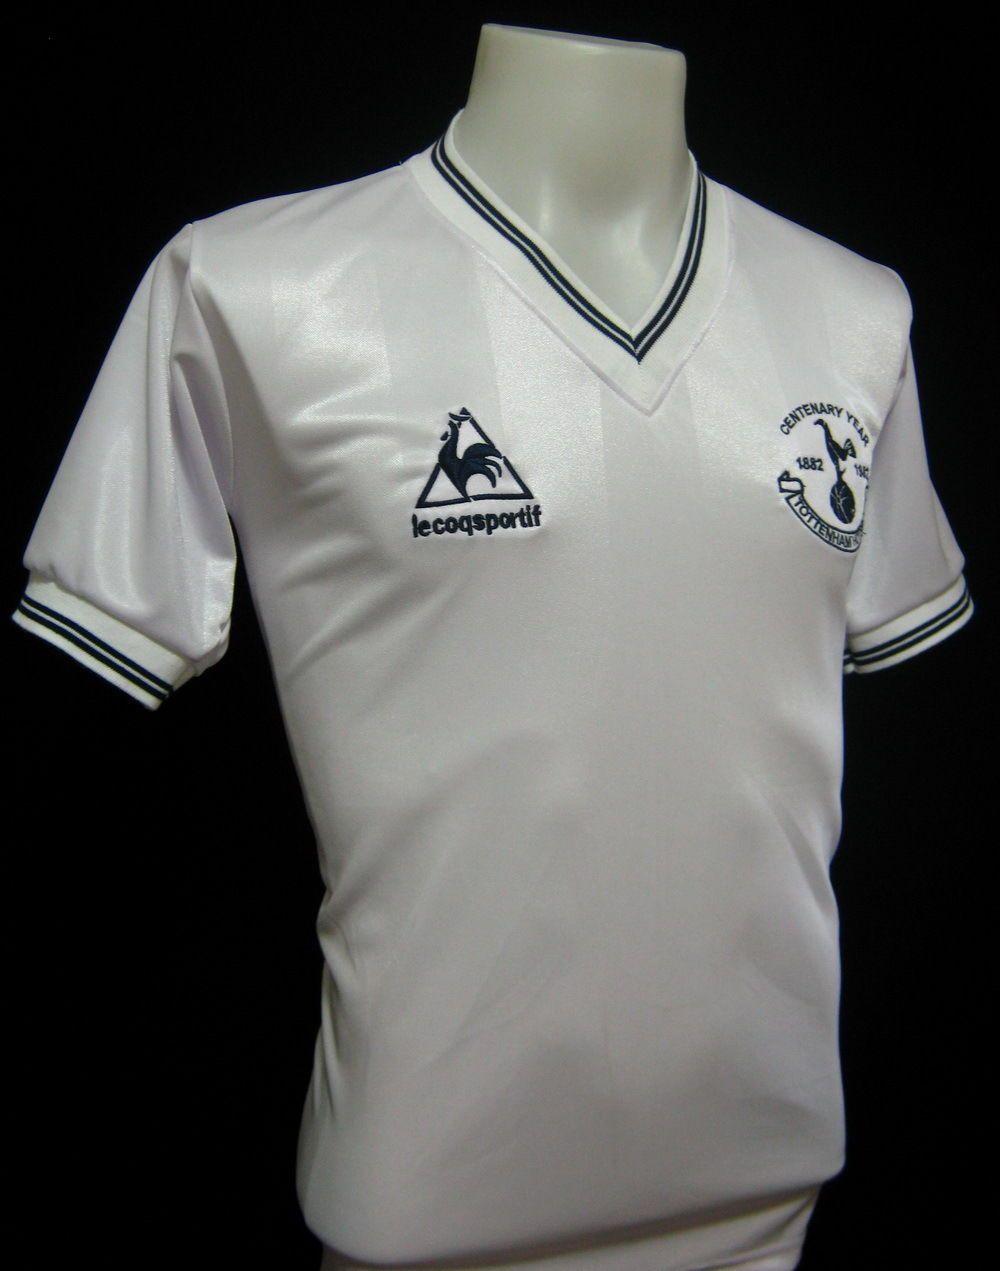 e12802105 Tottenham Hotspur 1882-1982 Centenary Retro Shirt Reproduction L   44